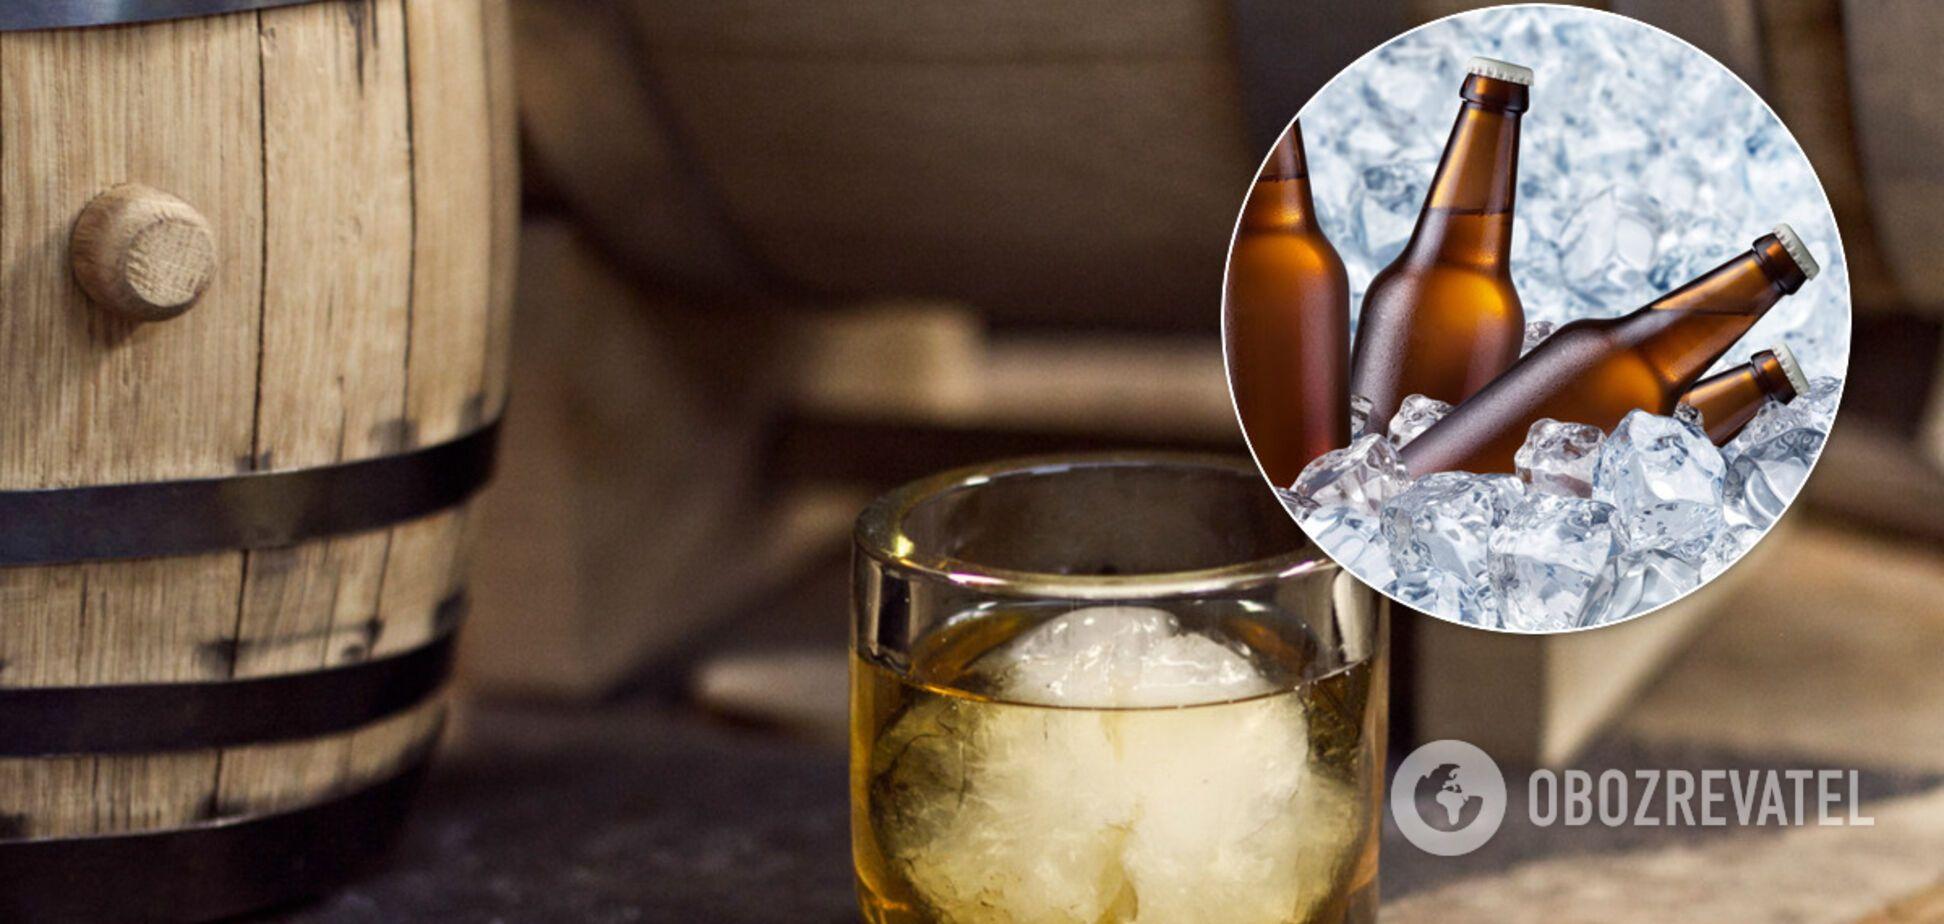 Как быстро охладить алкоголь: названы простые способы